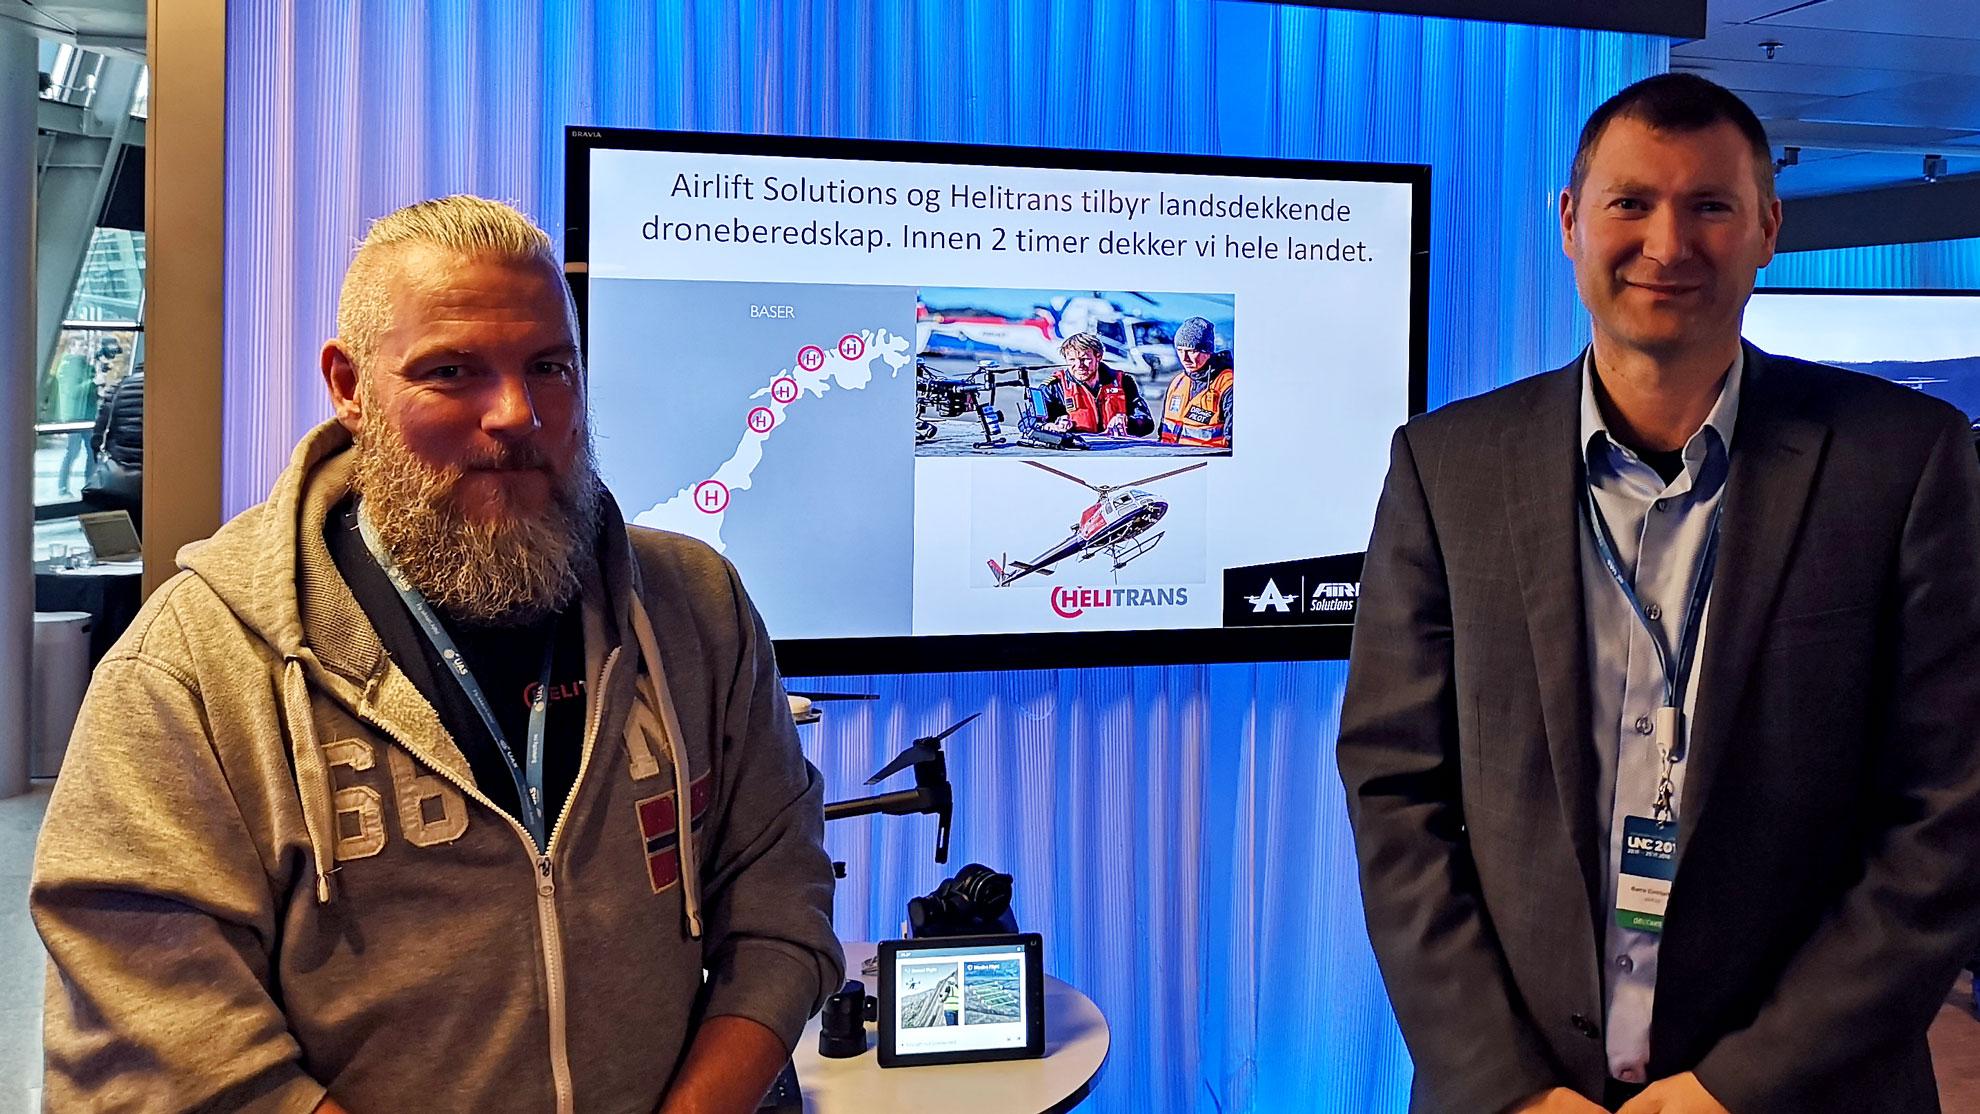 Airlift Solutions og Helitrans har inngått et samarbeid for å bli landsdekkende på droneberedskap. Her på Telenor EXPO 23. november.